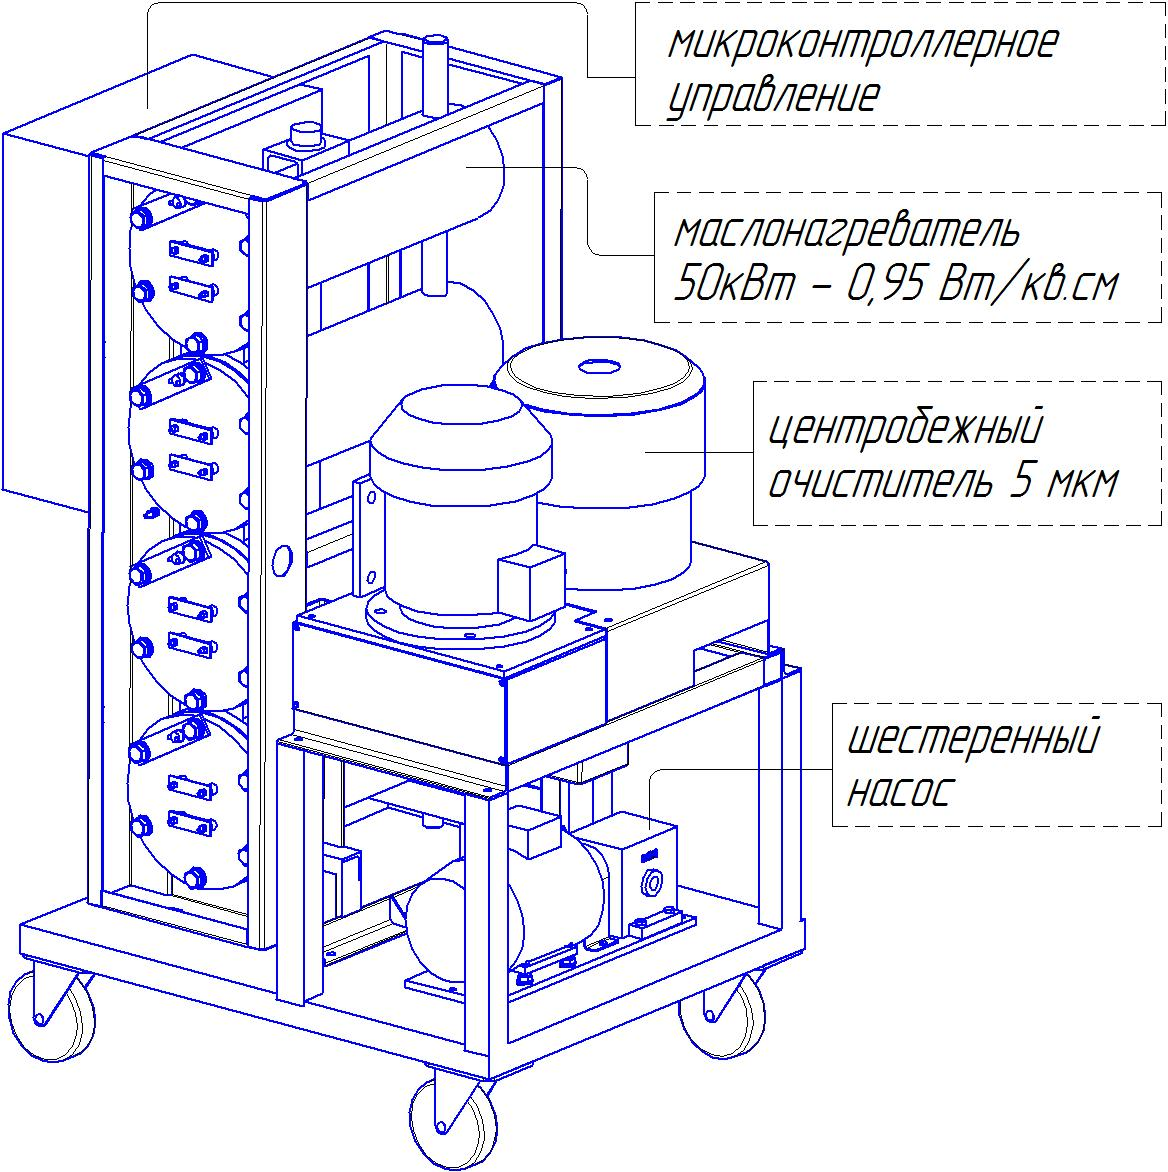 Стенд очистки жидкостей со встроенным нагревателем СОГ-950КТП